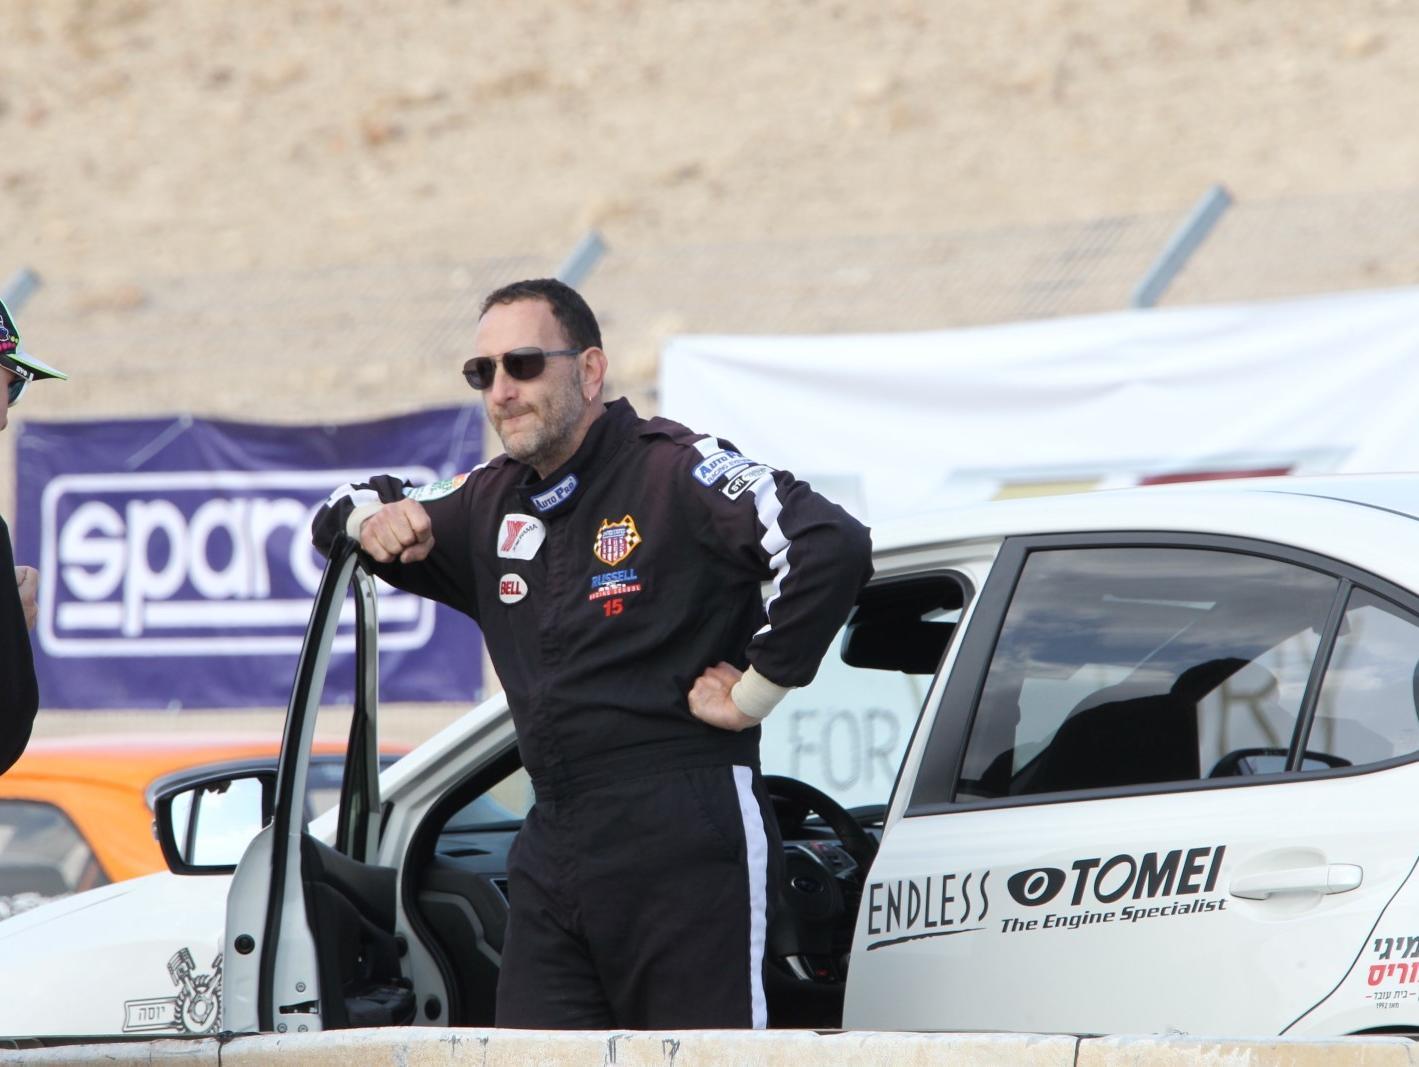 מקצוענות ישראלית: ספורט מוטורי עושים באהבה, או לא עושים בכלל